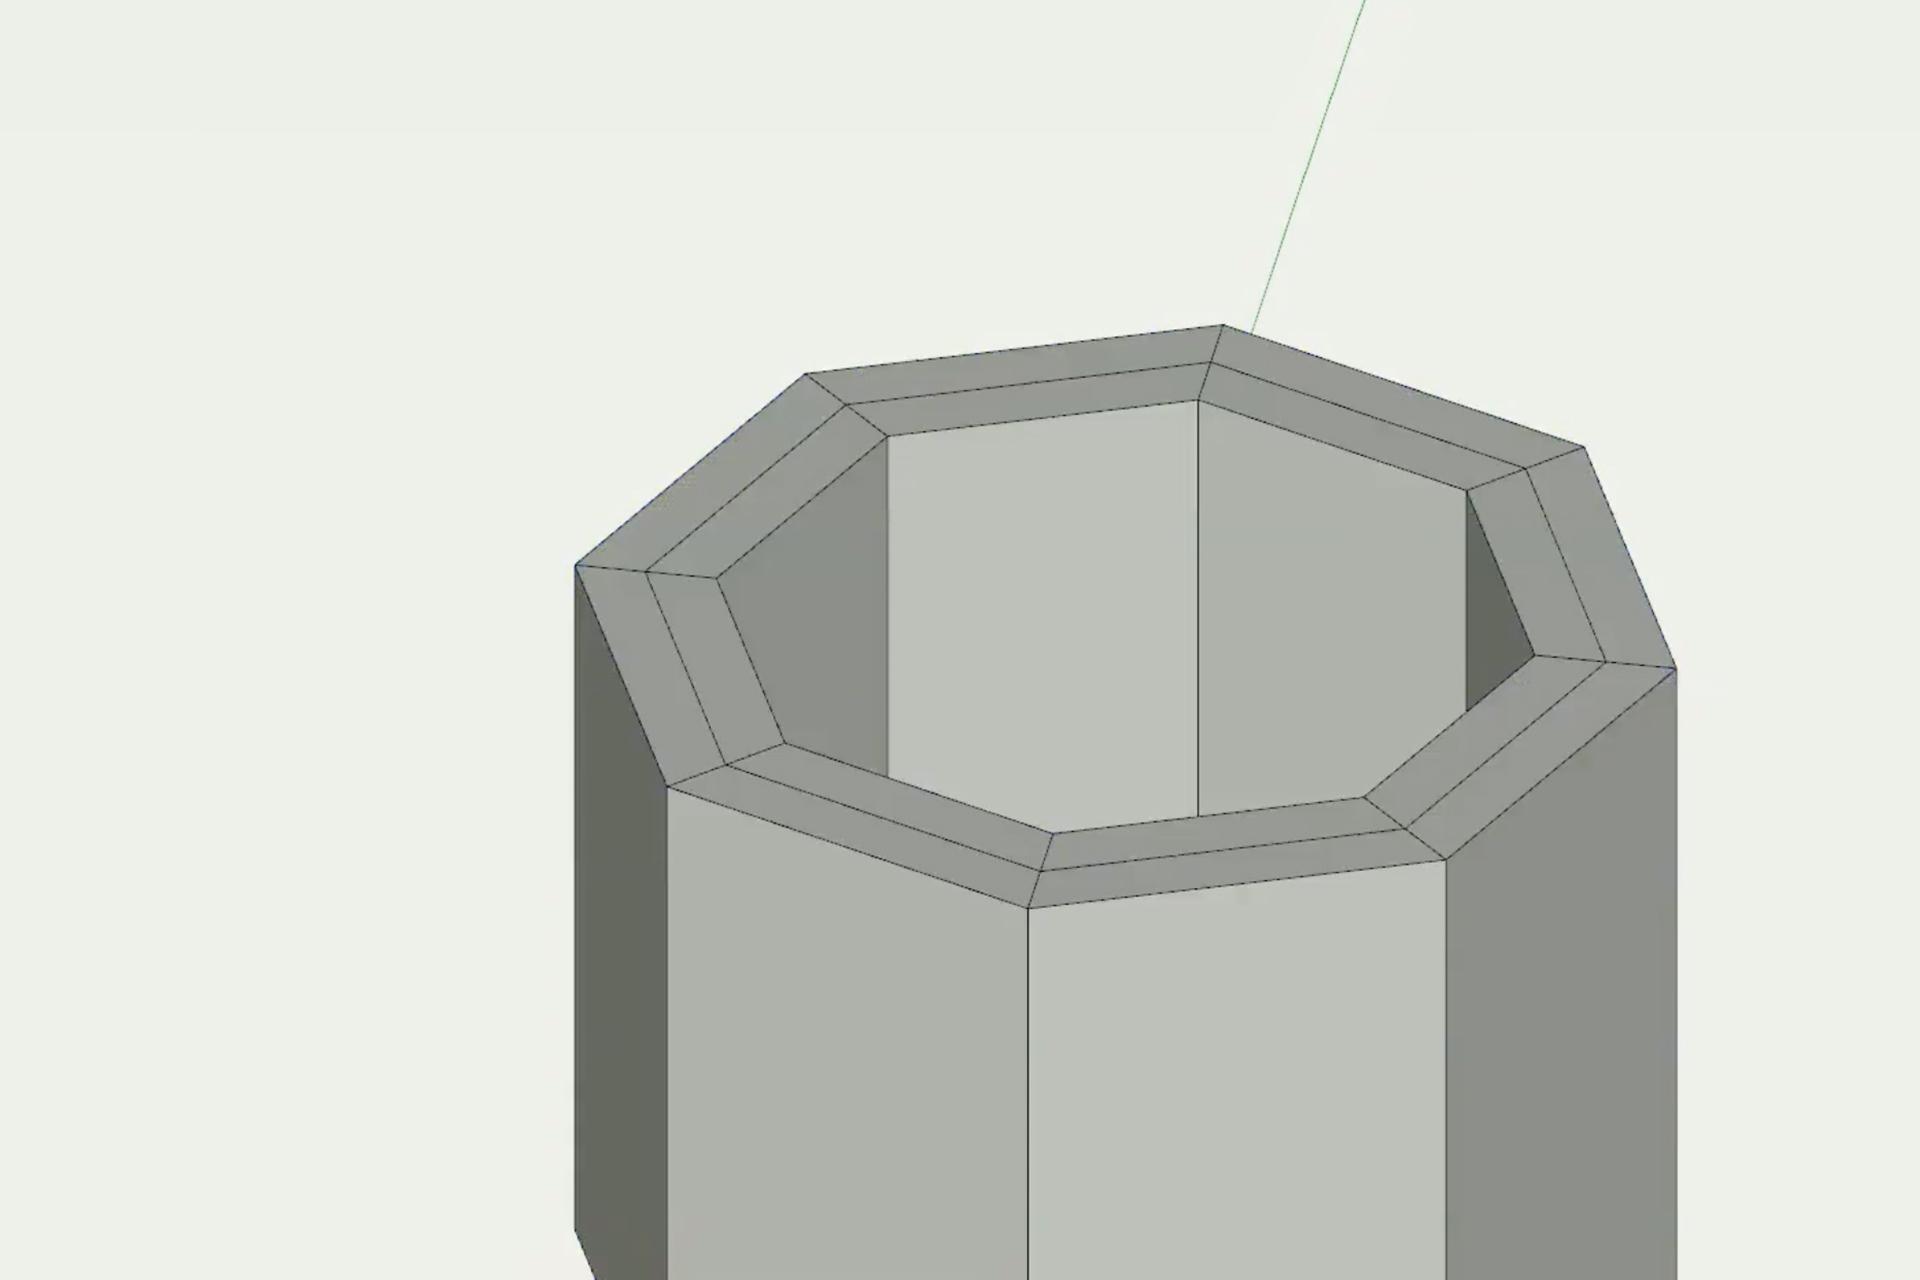 Sketchup Quads #01: El Concepto es el Concepto